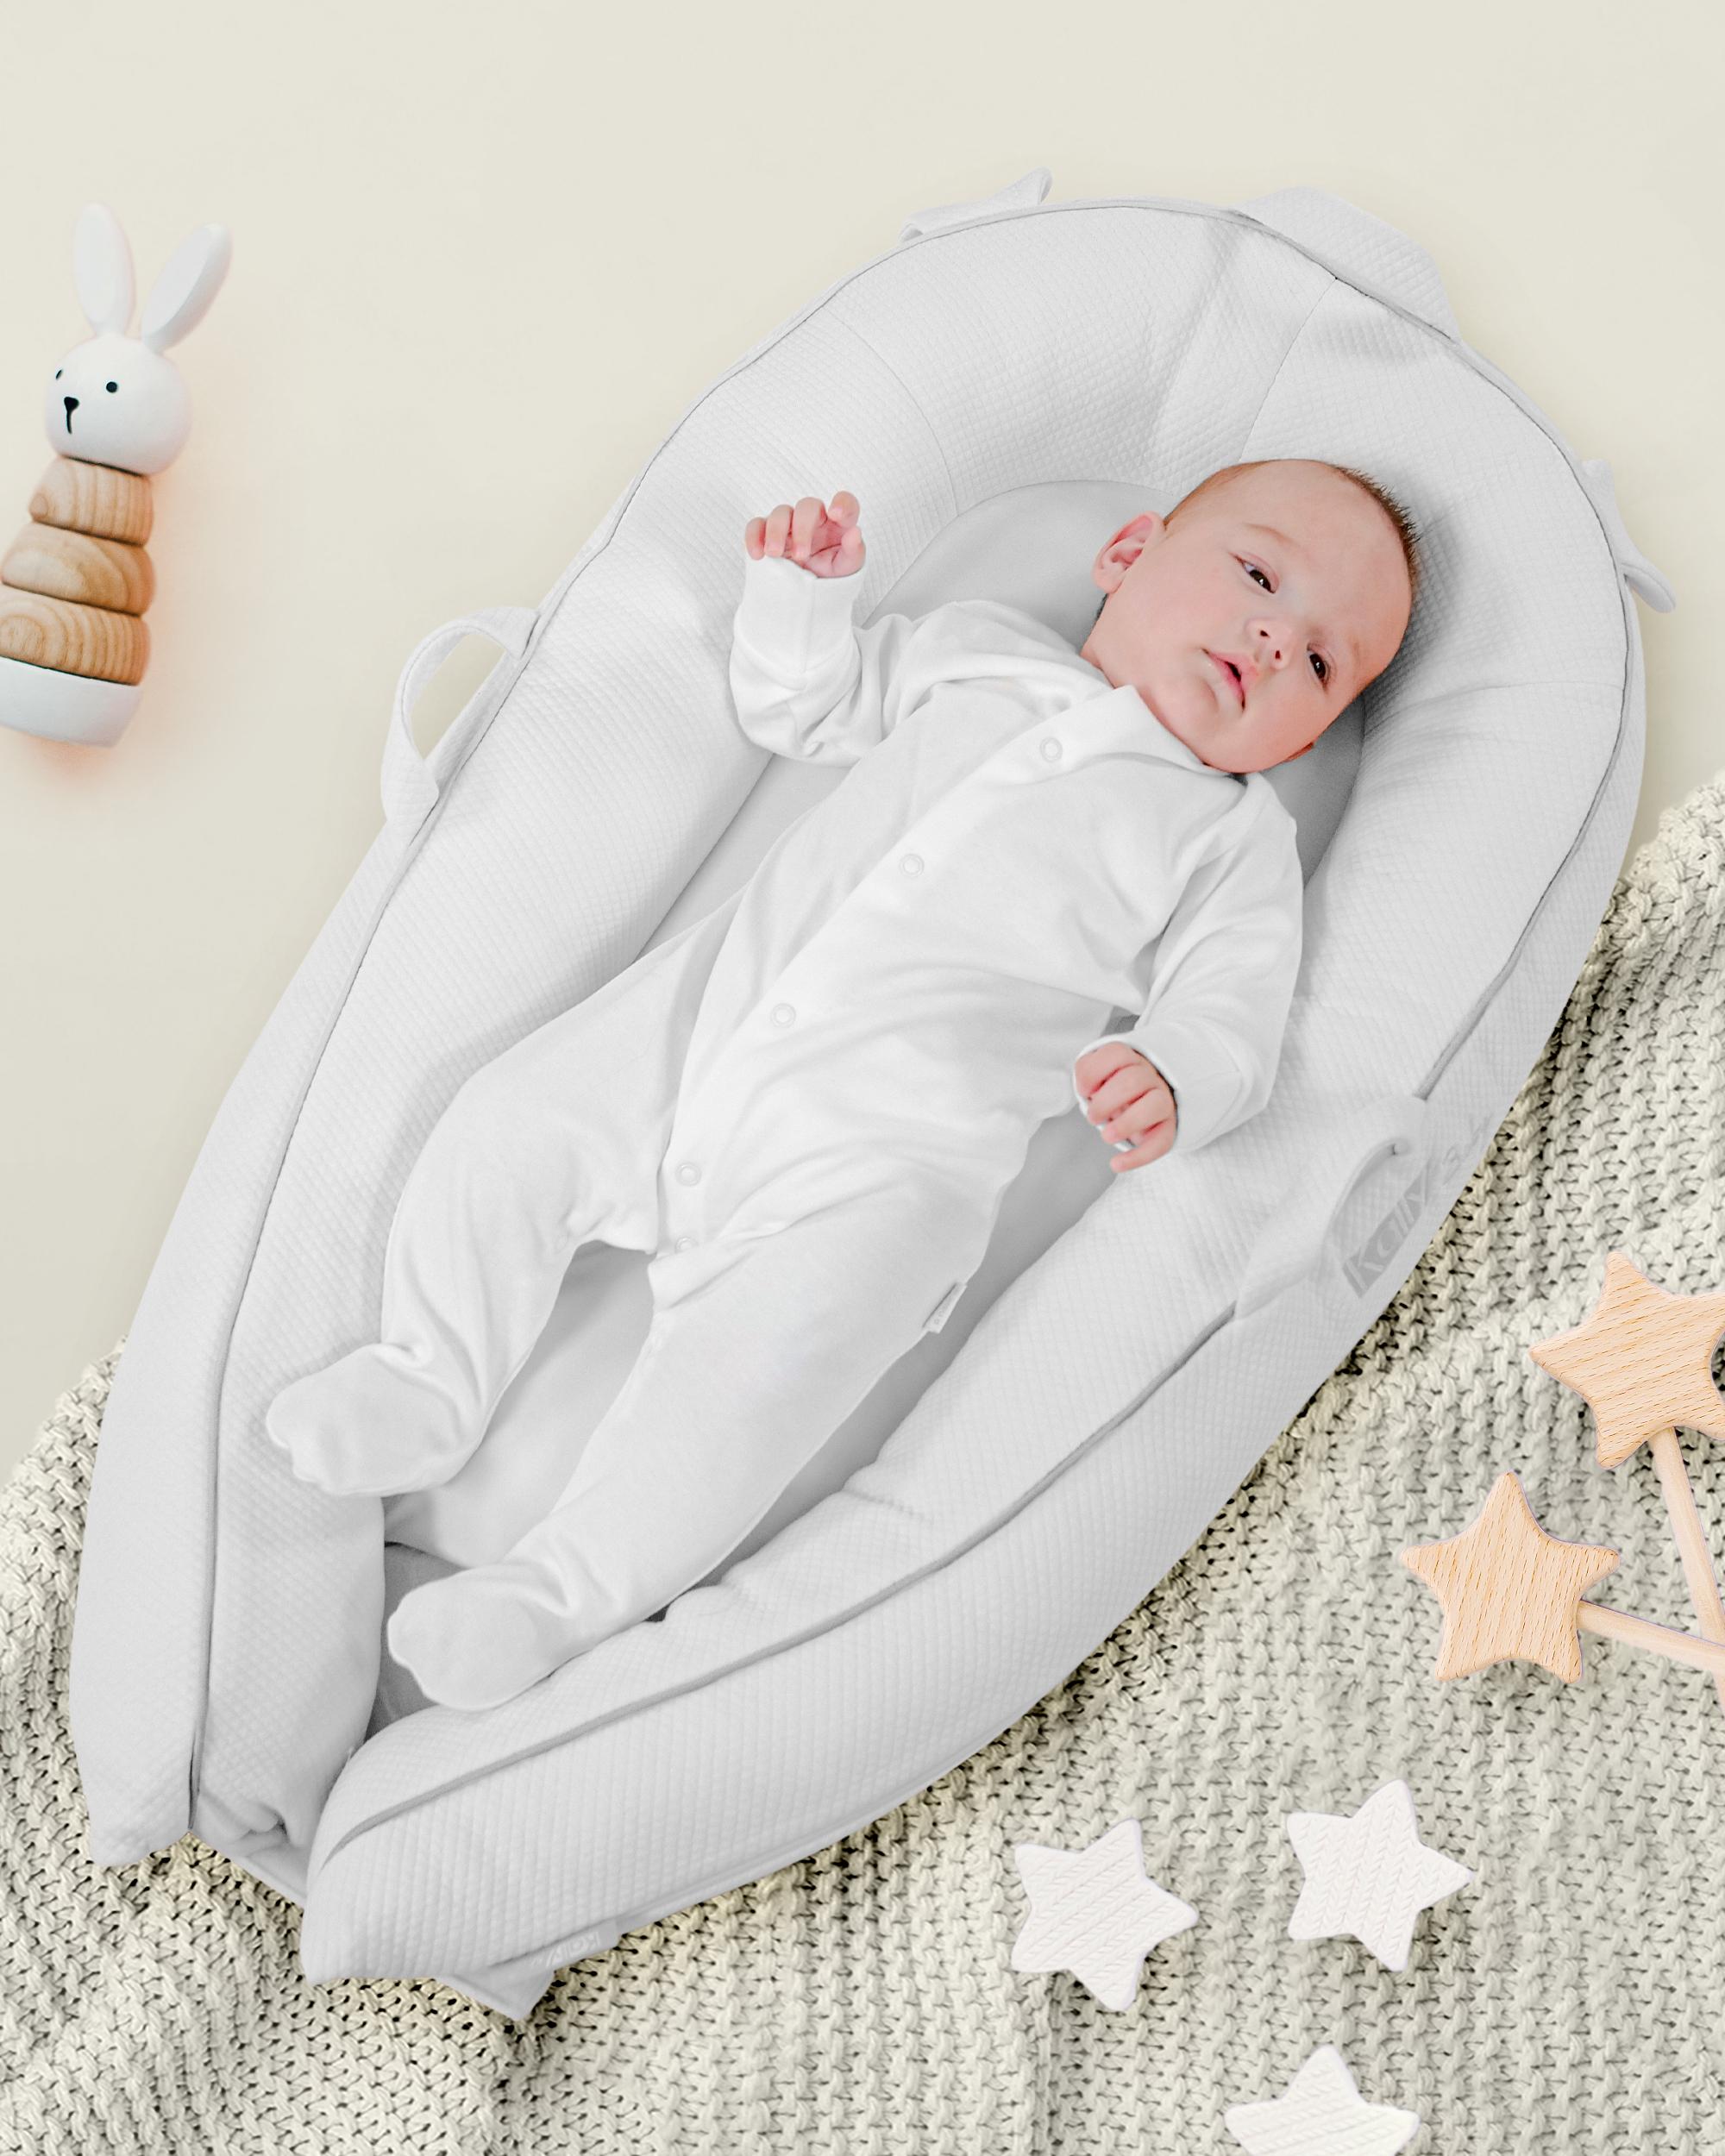 Kally Sleep Baby Nest